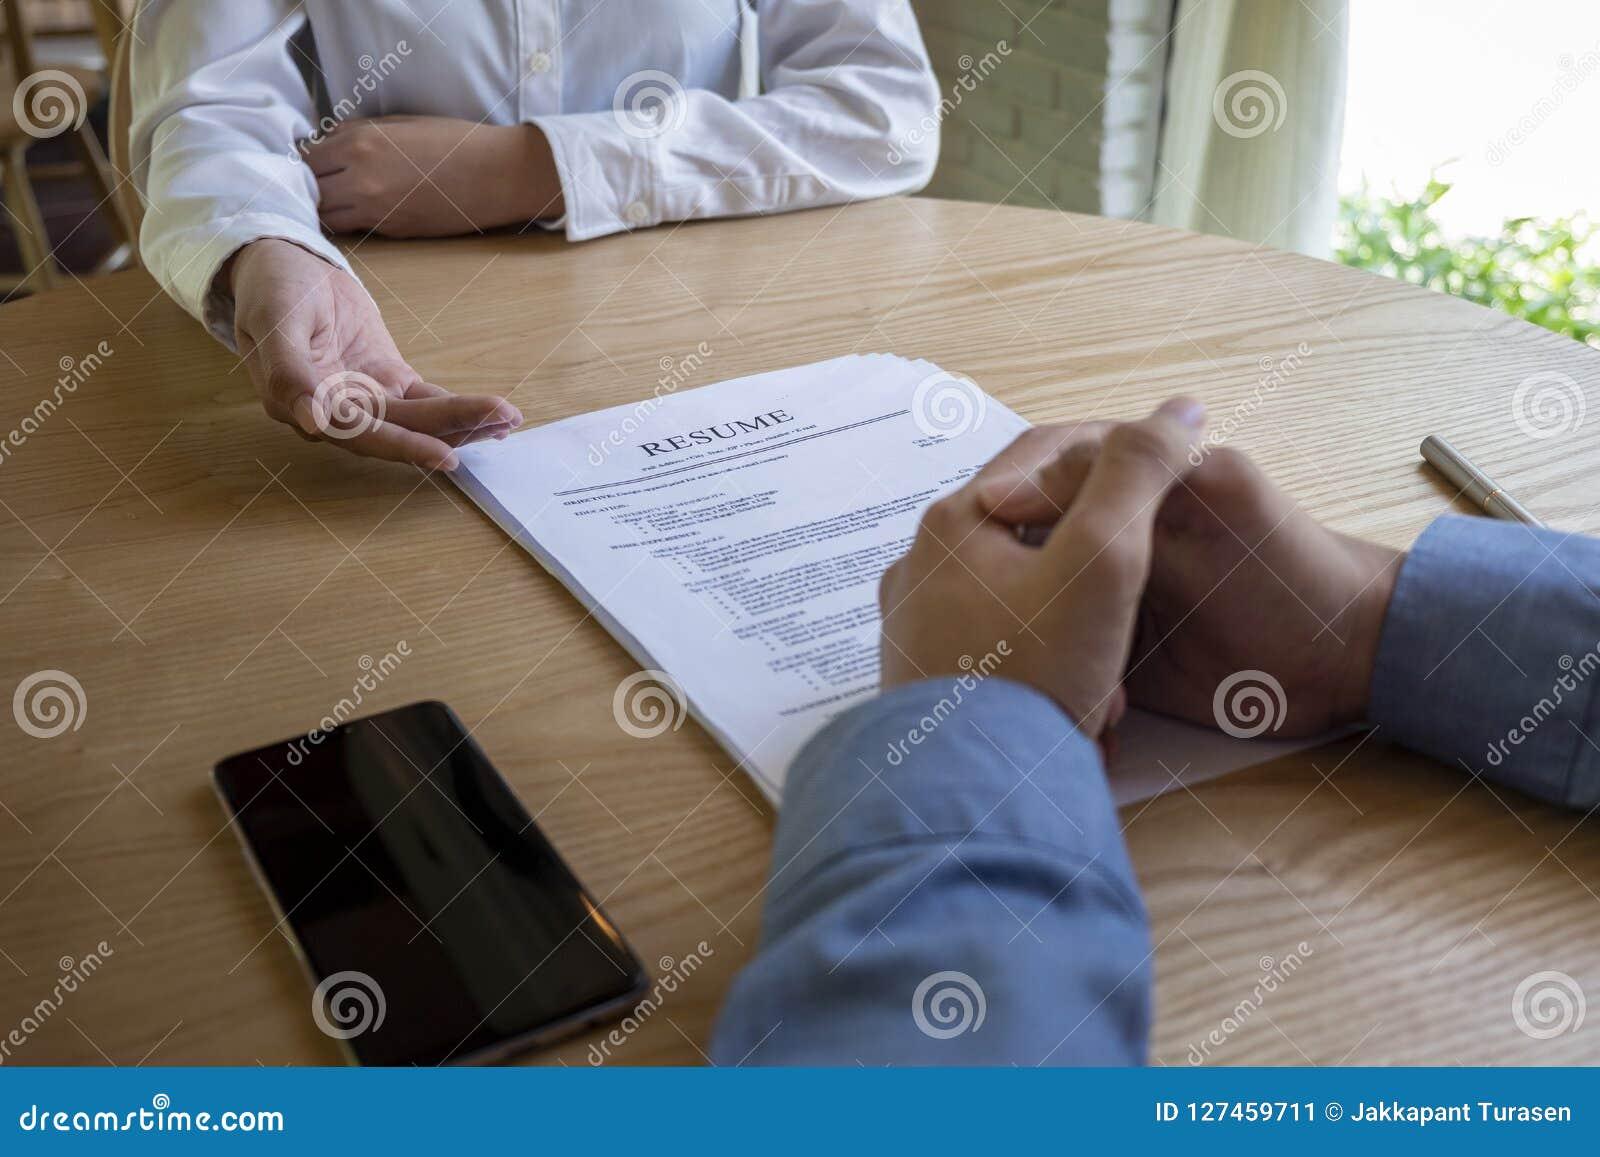 妇女递交工作申请书,读简历的采访者